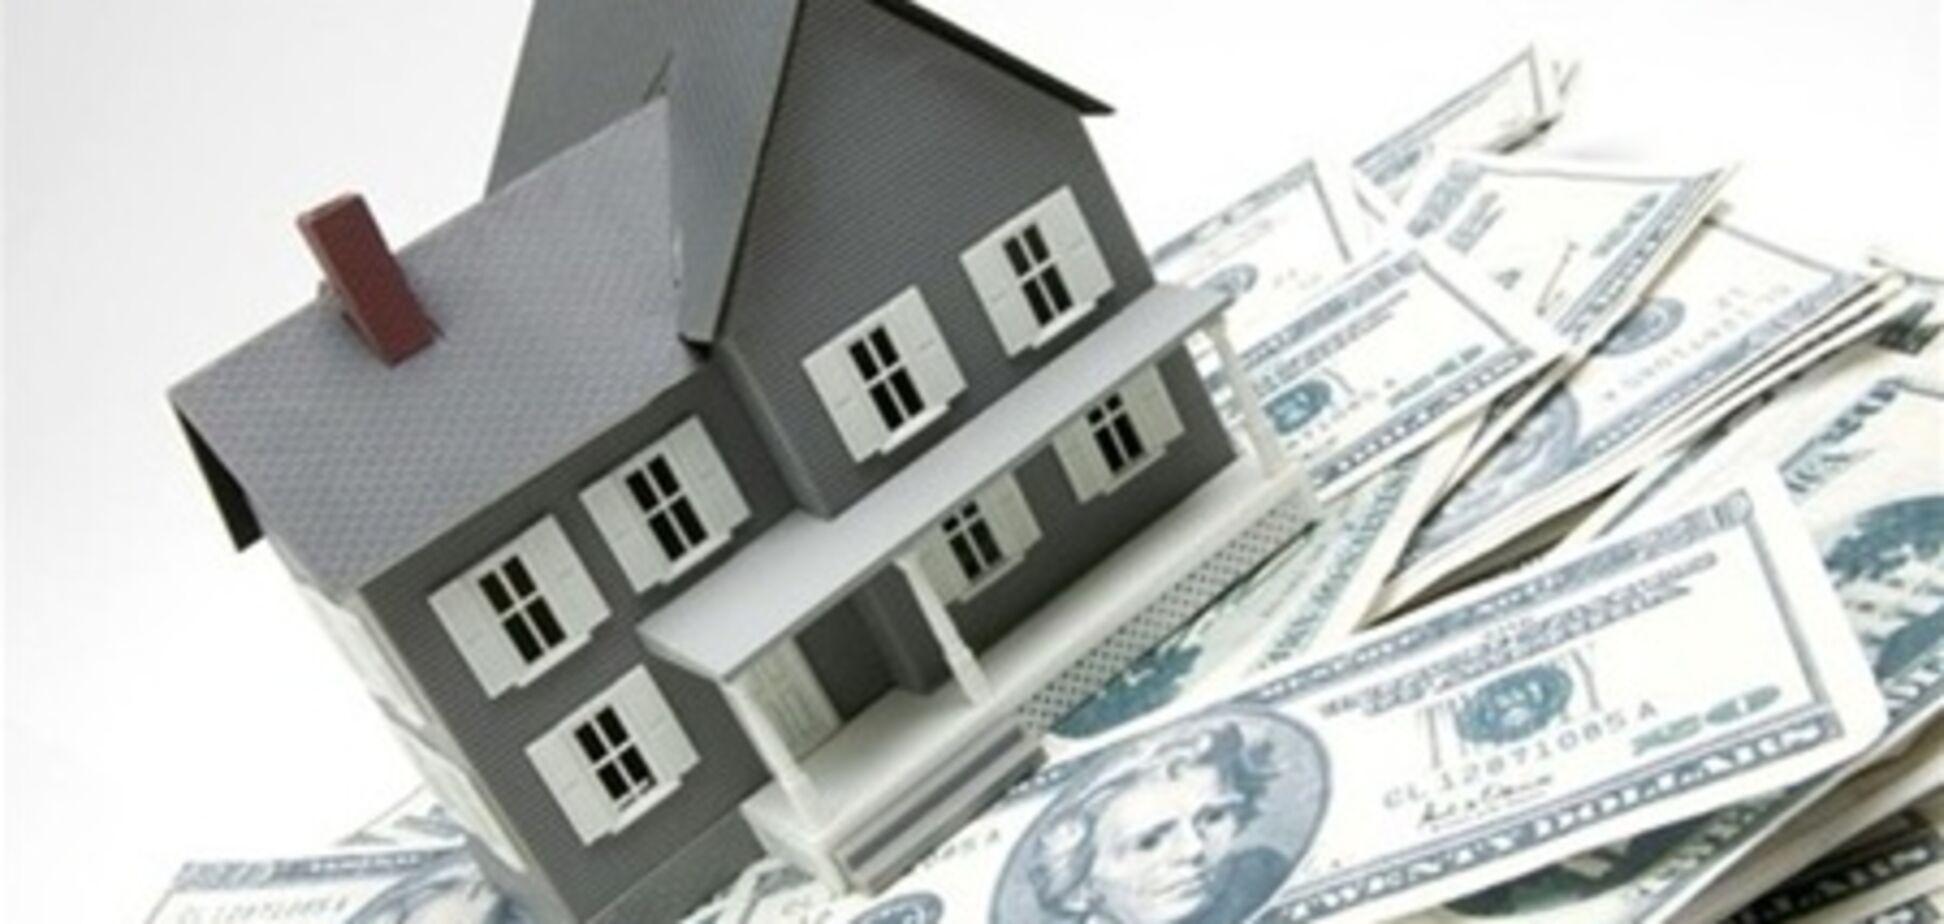 Стоит ли продолжать строительство дома зимой